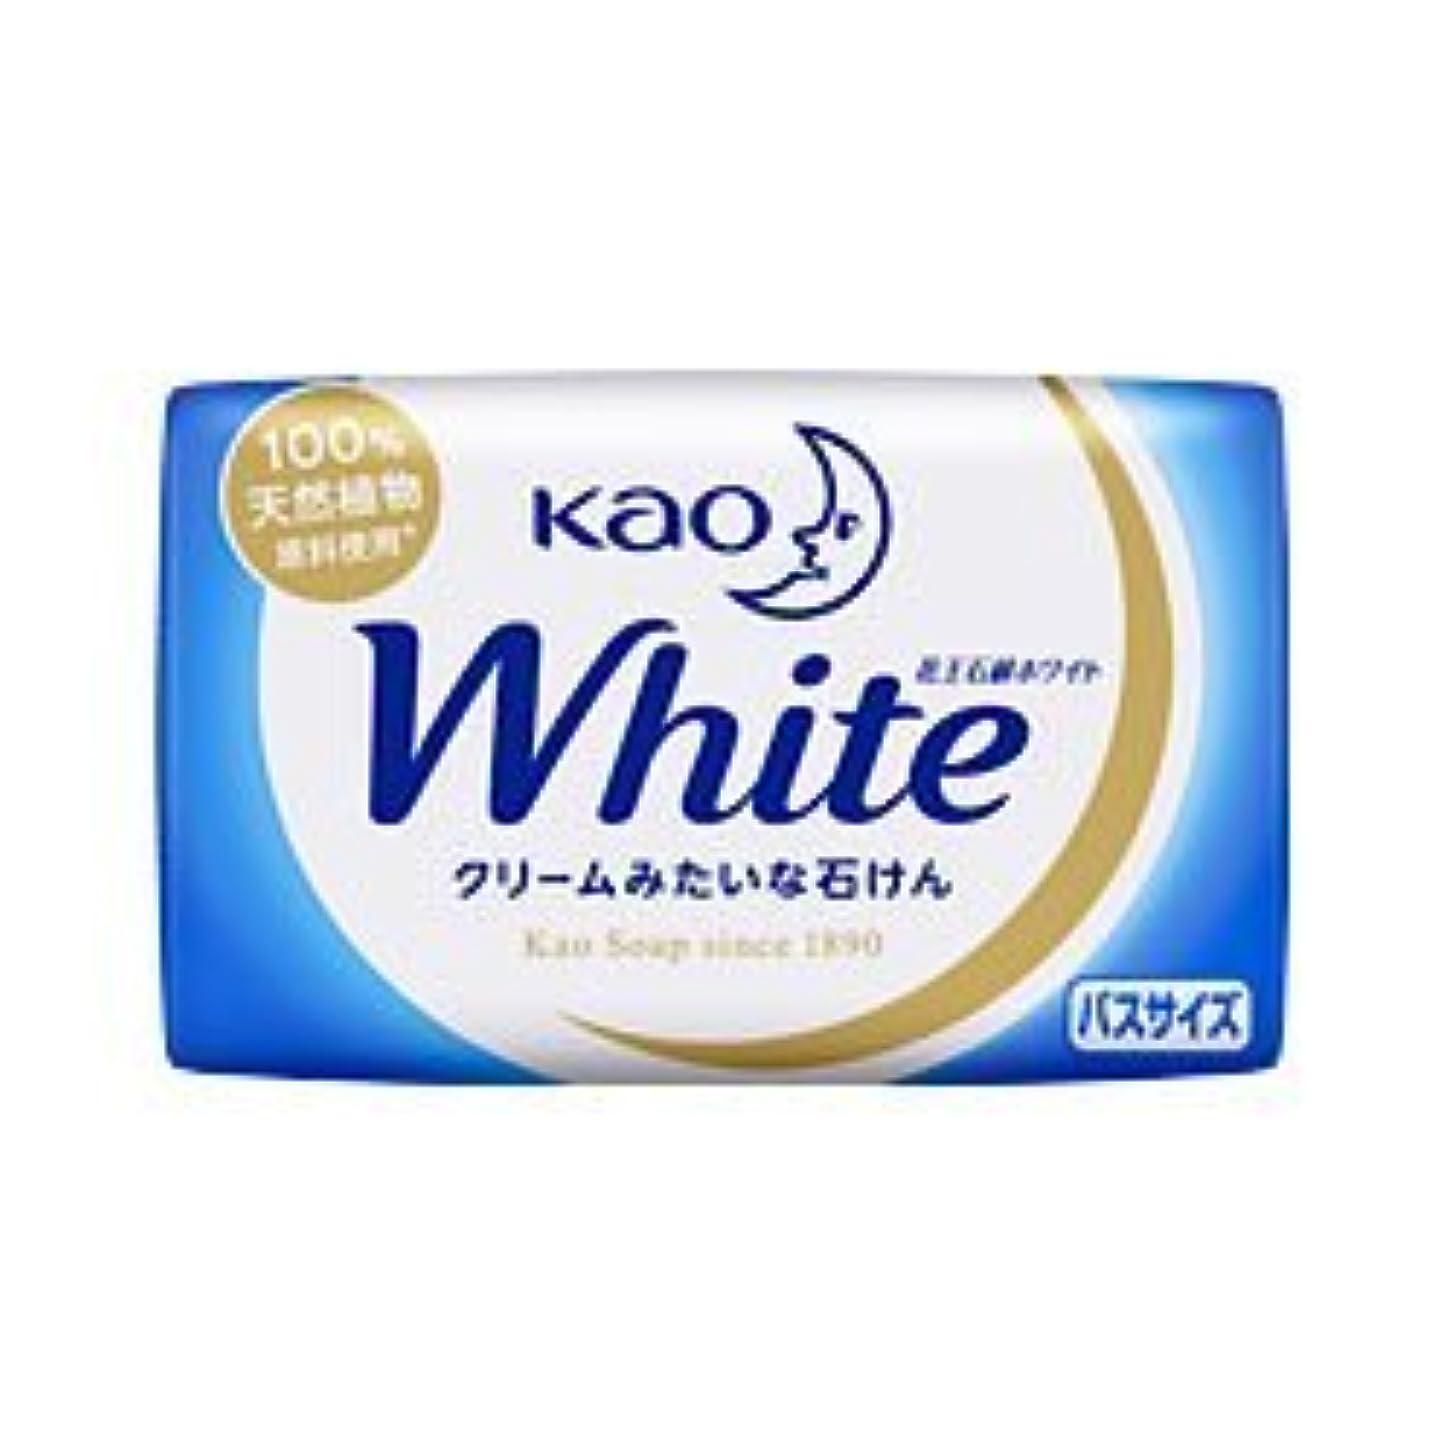 オートカタログスポンジ【花王】花王ホワイト バスサイズ 1個 130g ×10個セット